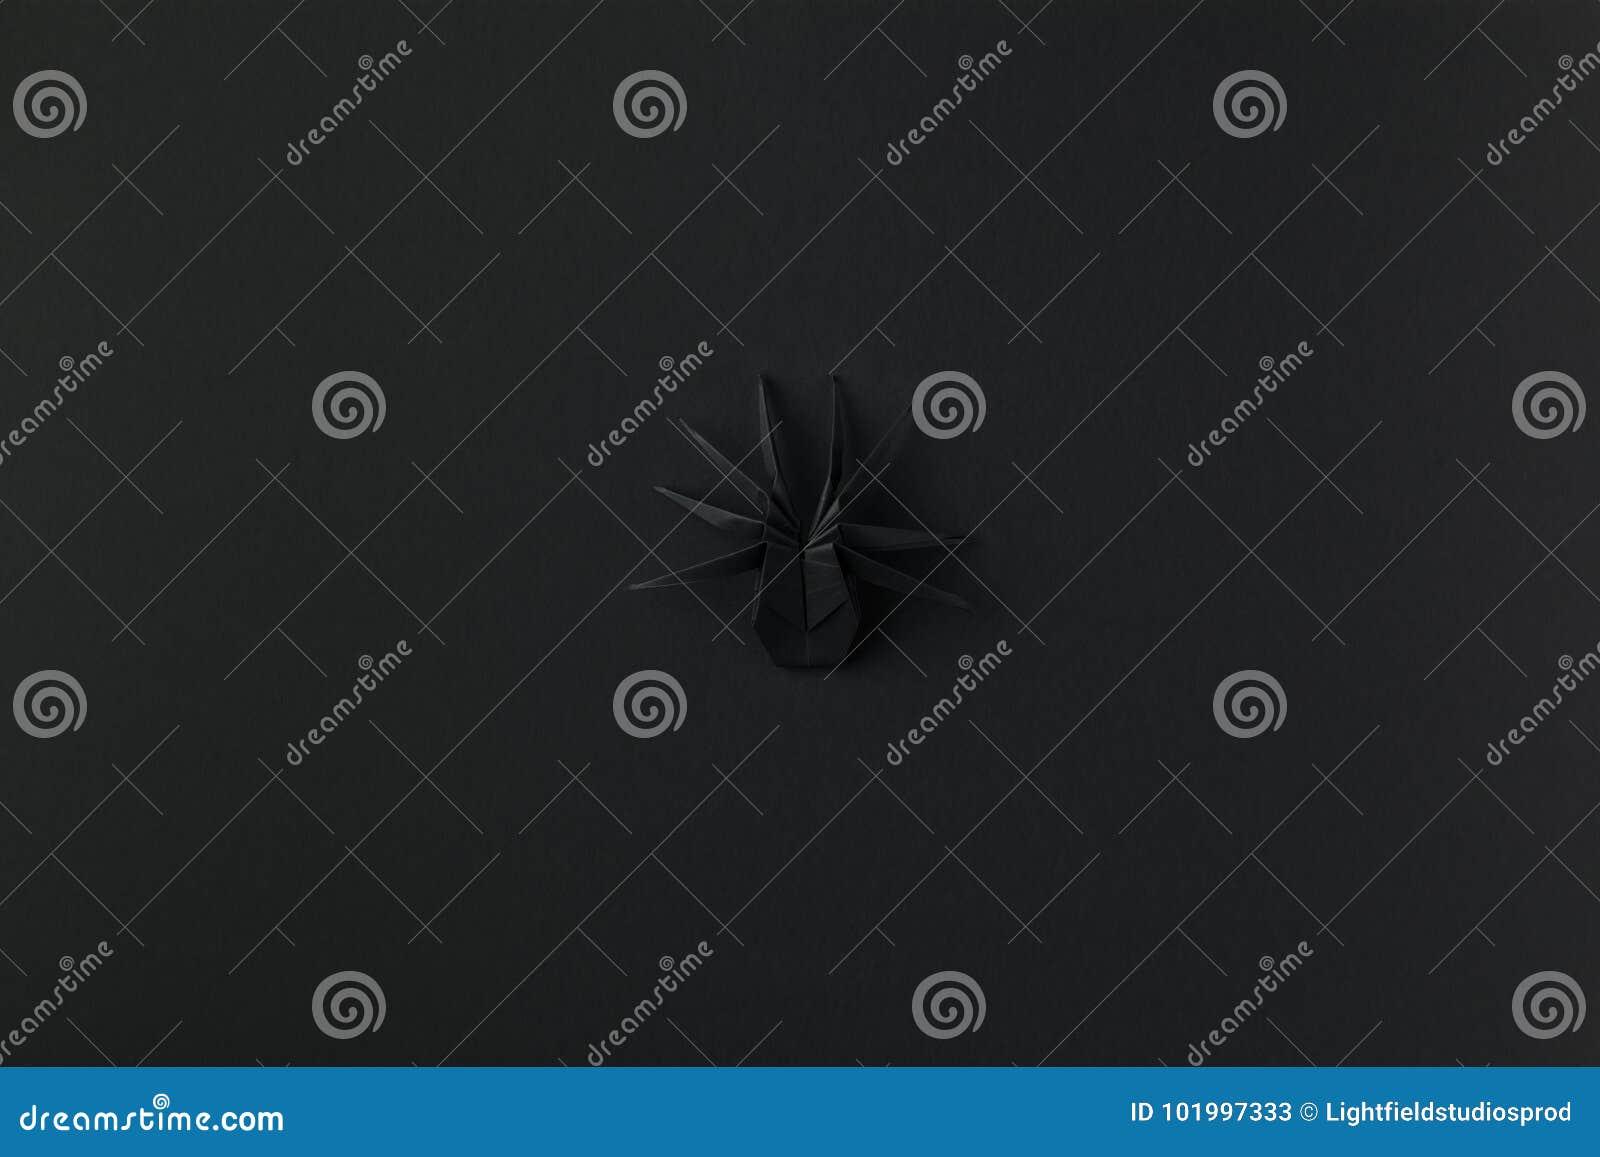 araignée d'origami pour halloween image stock - image du simplicité